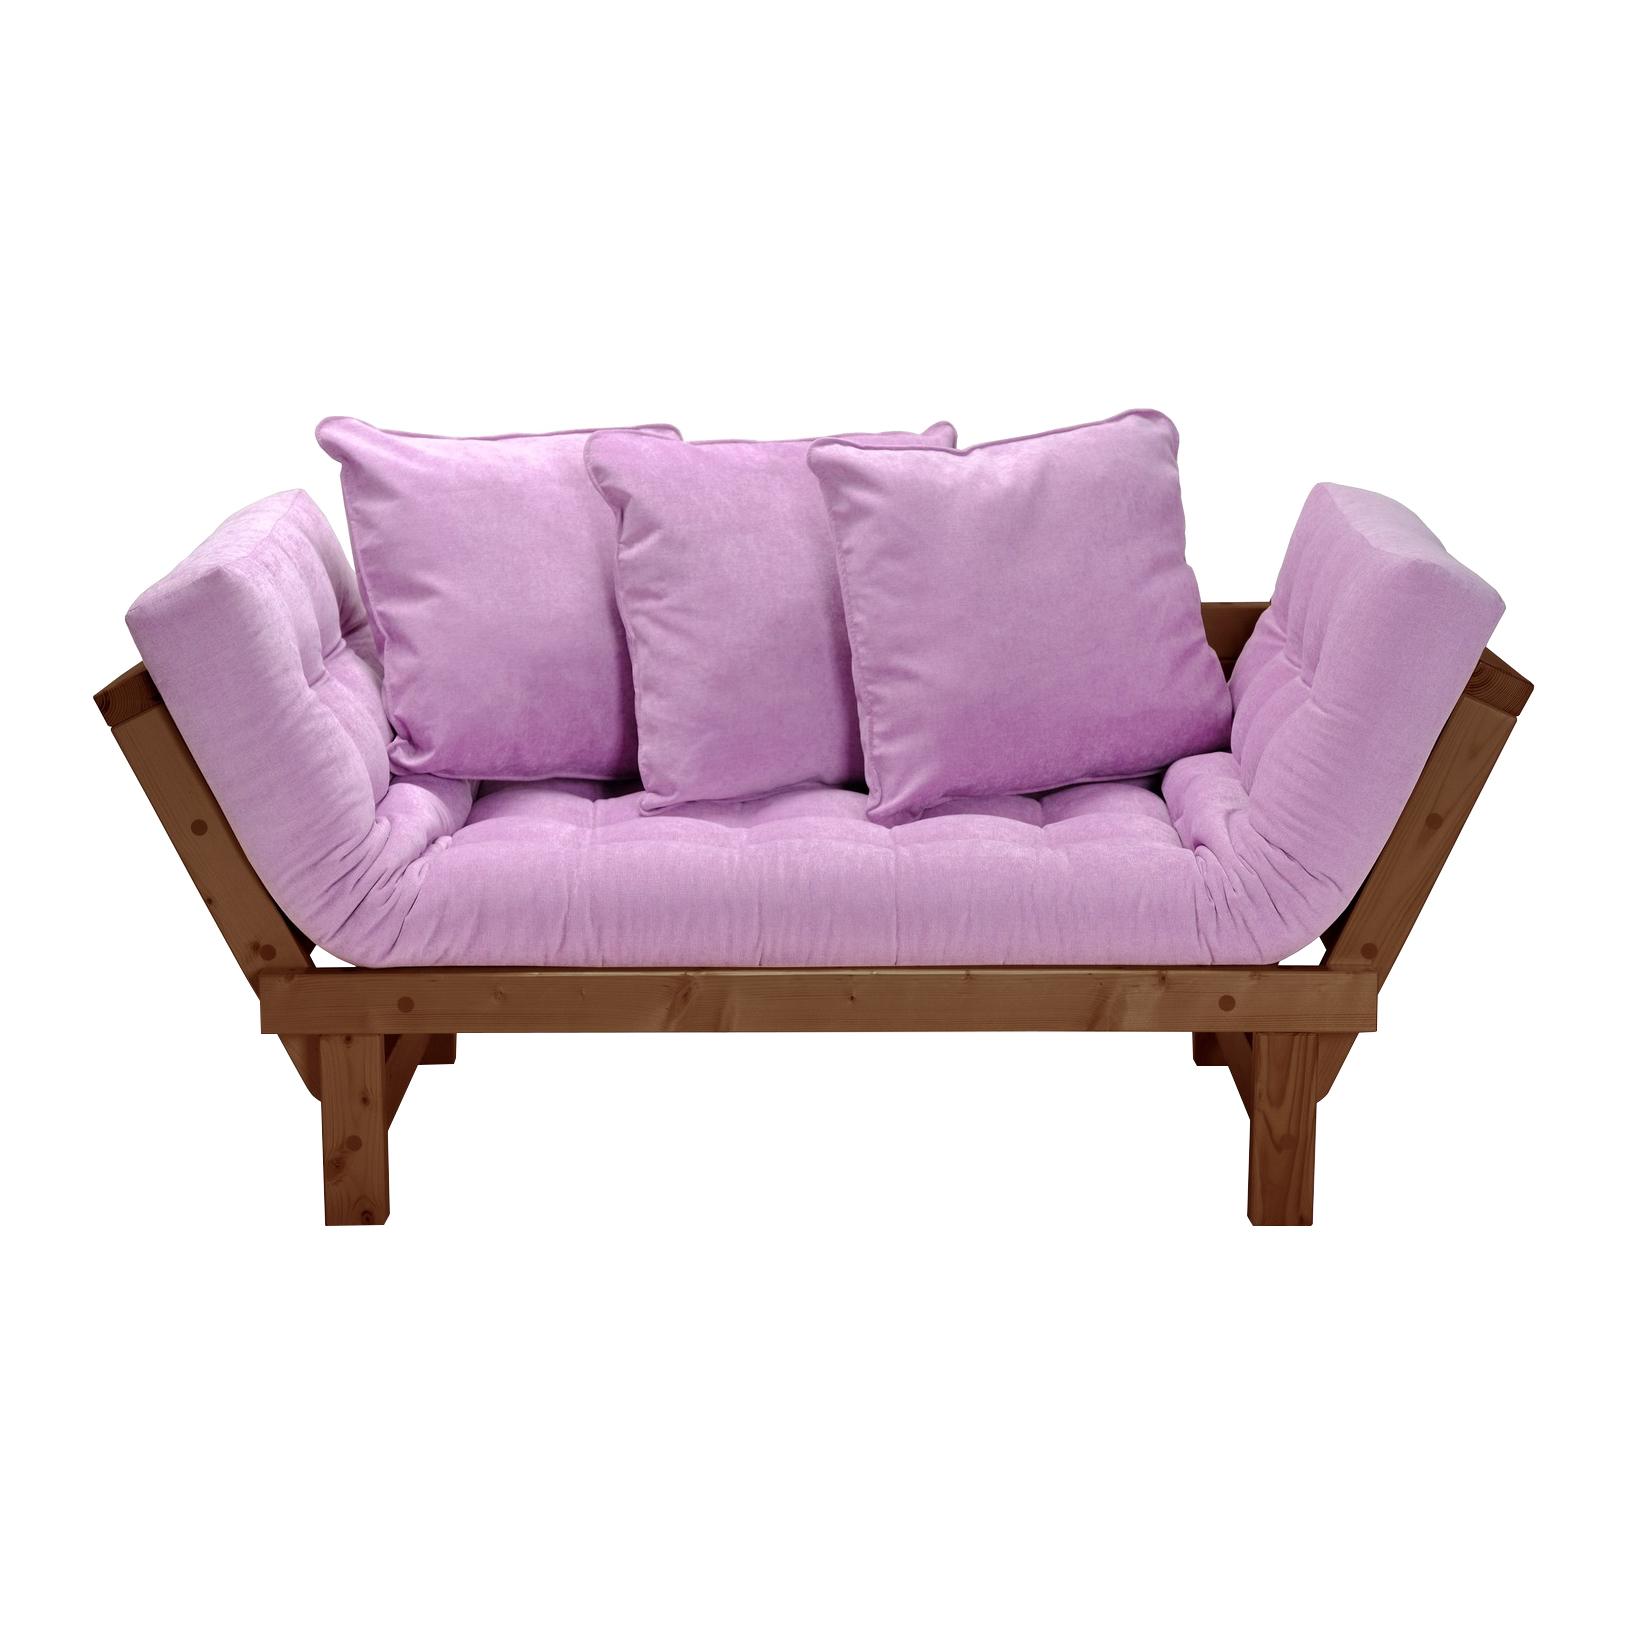 Кушетка AS Санди 158x77x61 орех/розовый кушетки